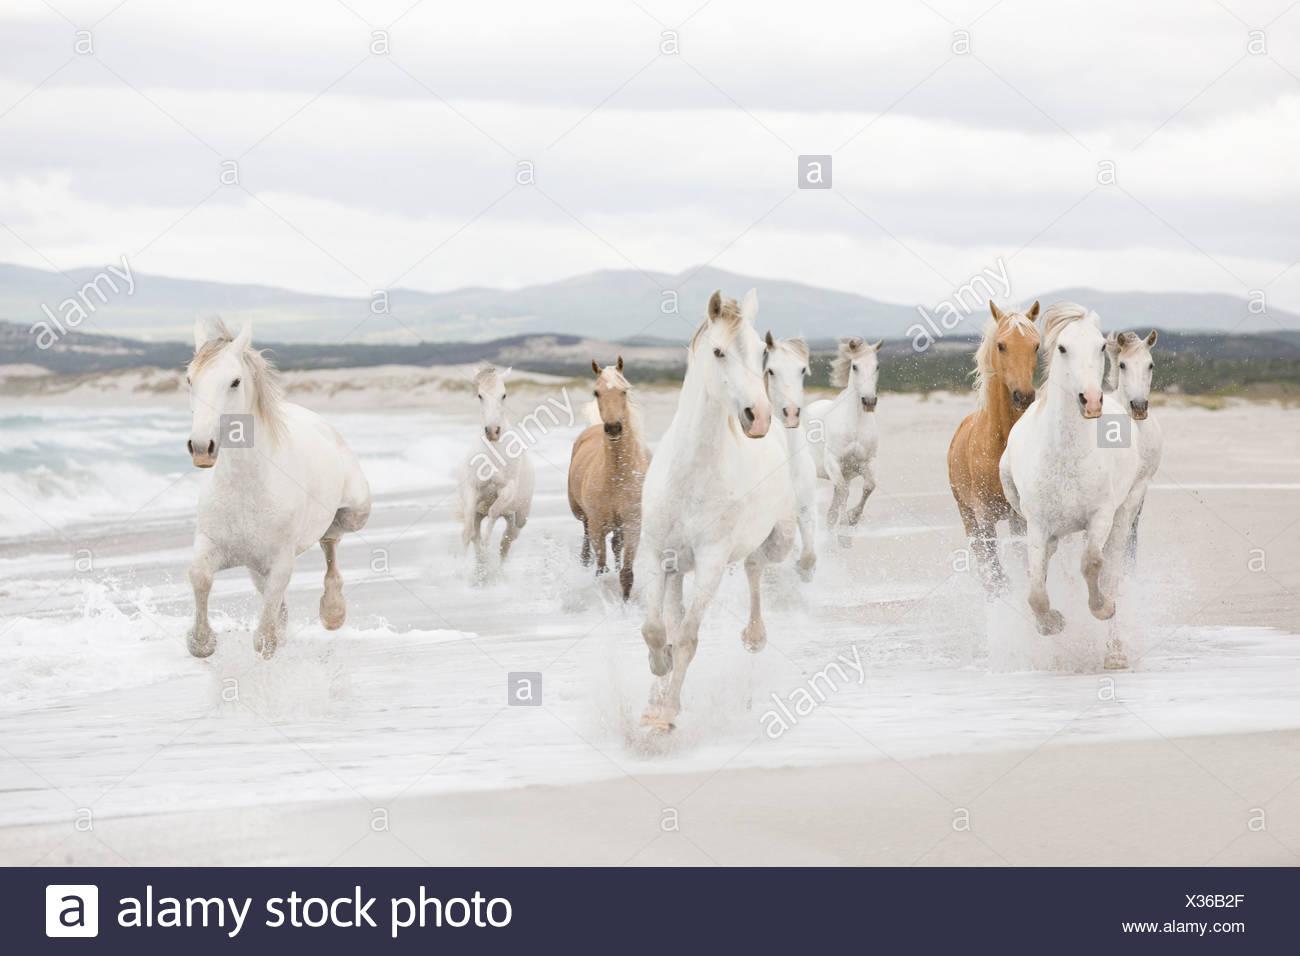 A cavallo sulla spiaggia Immagini Stock